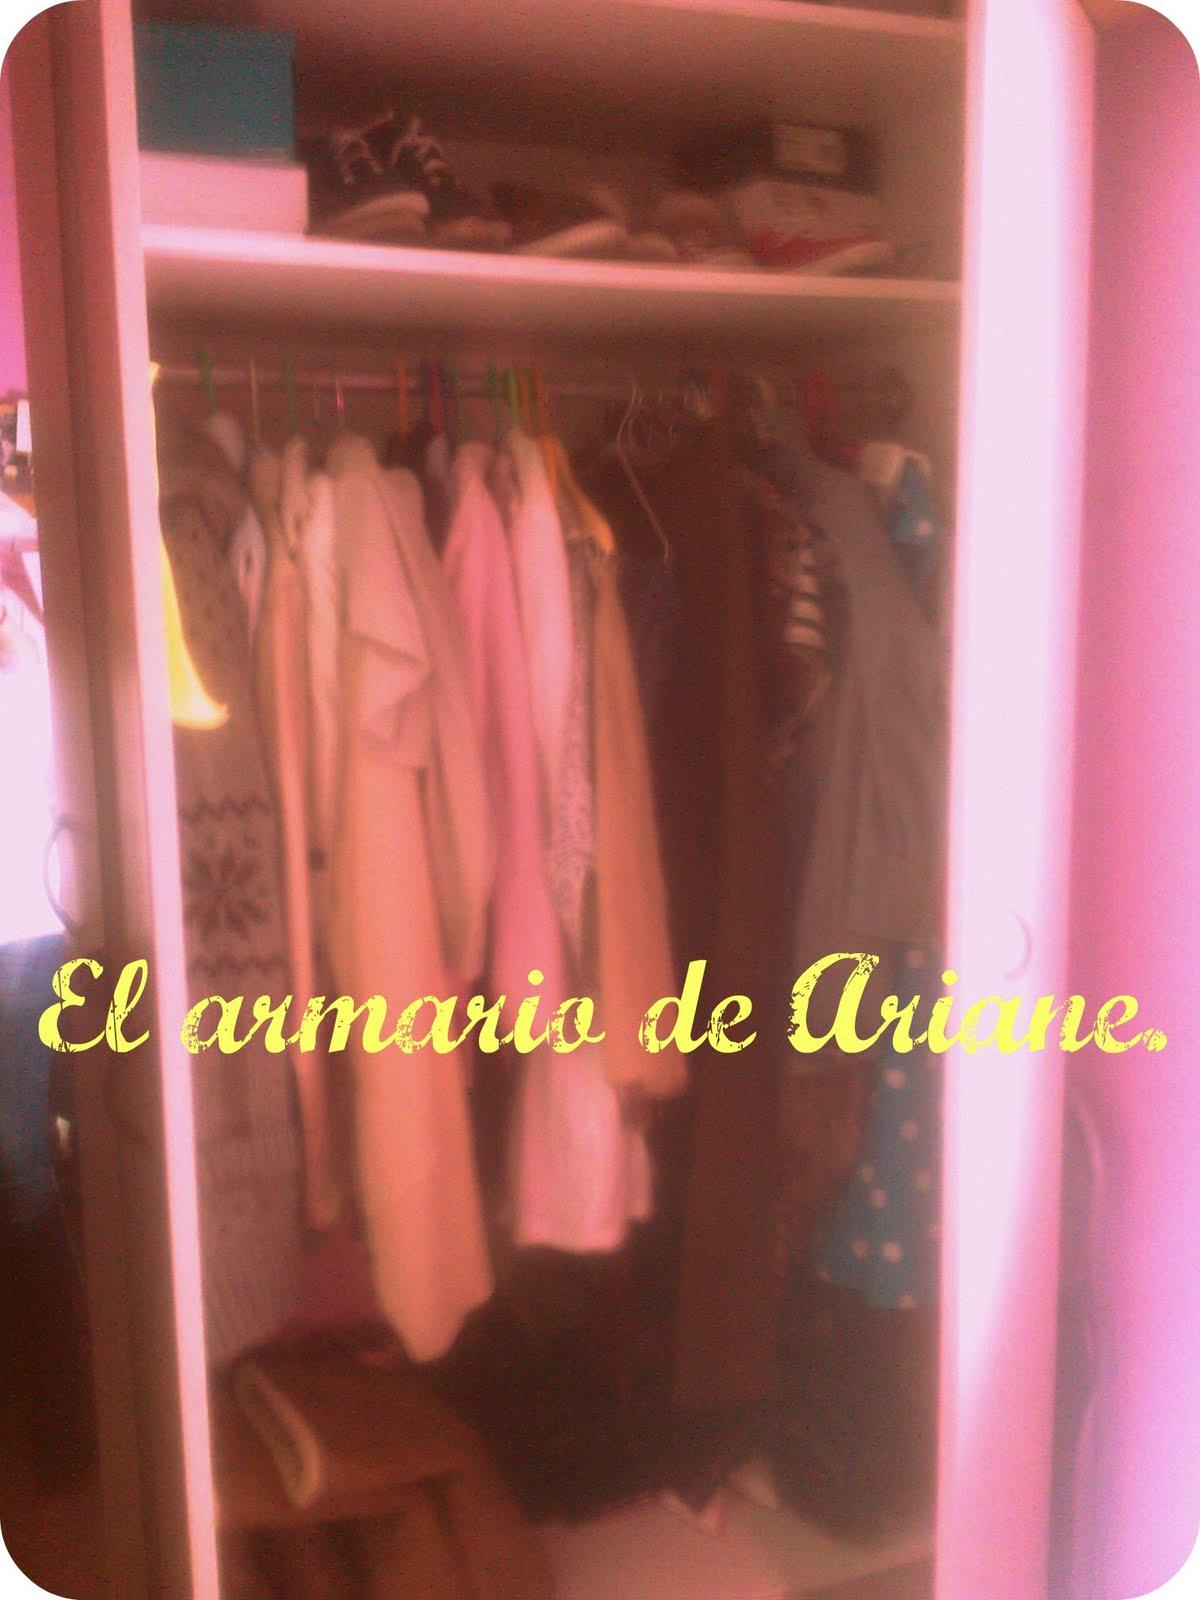 El armario de Ariane